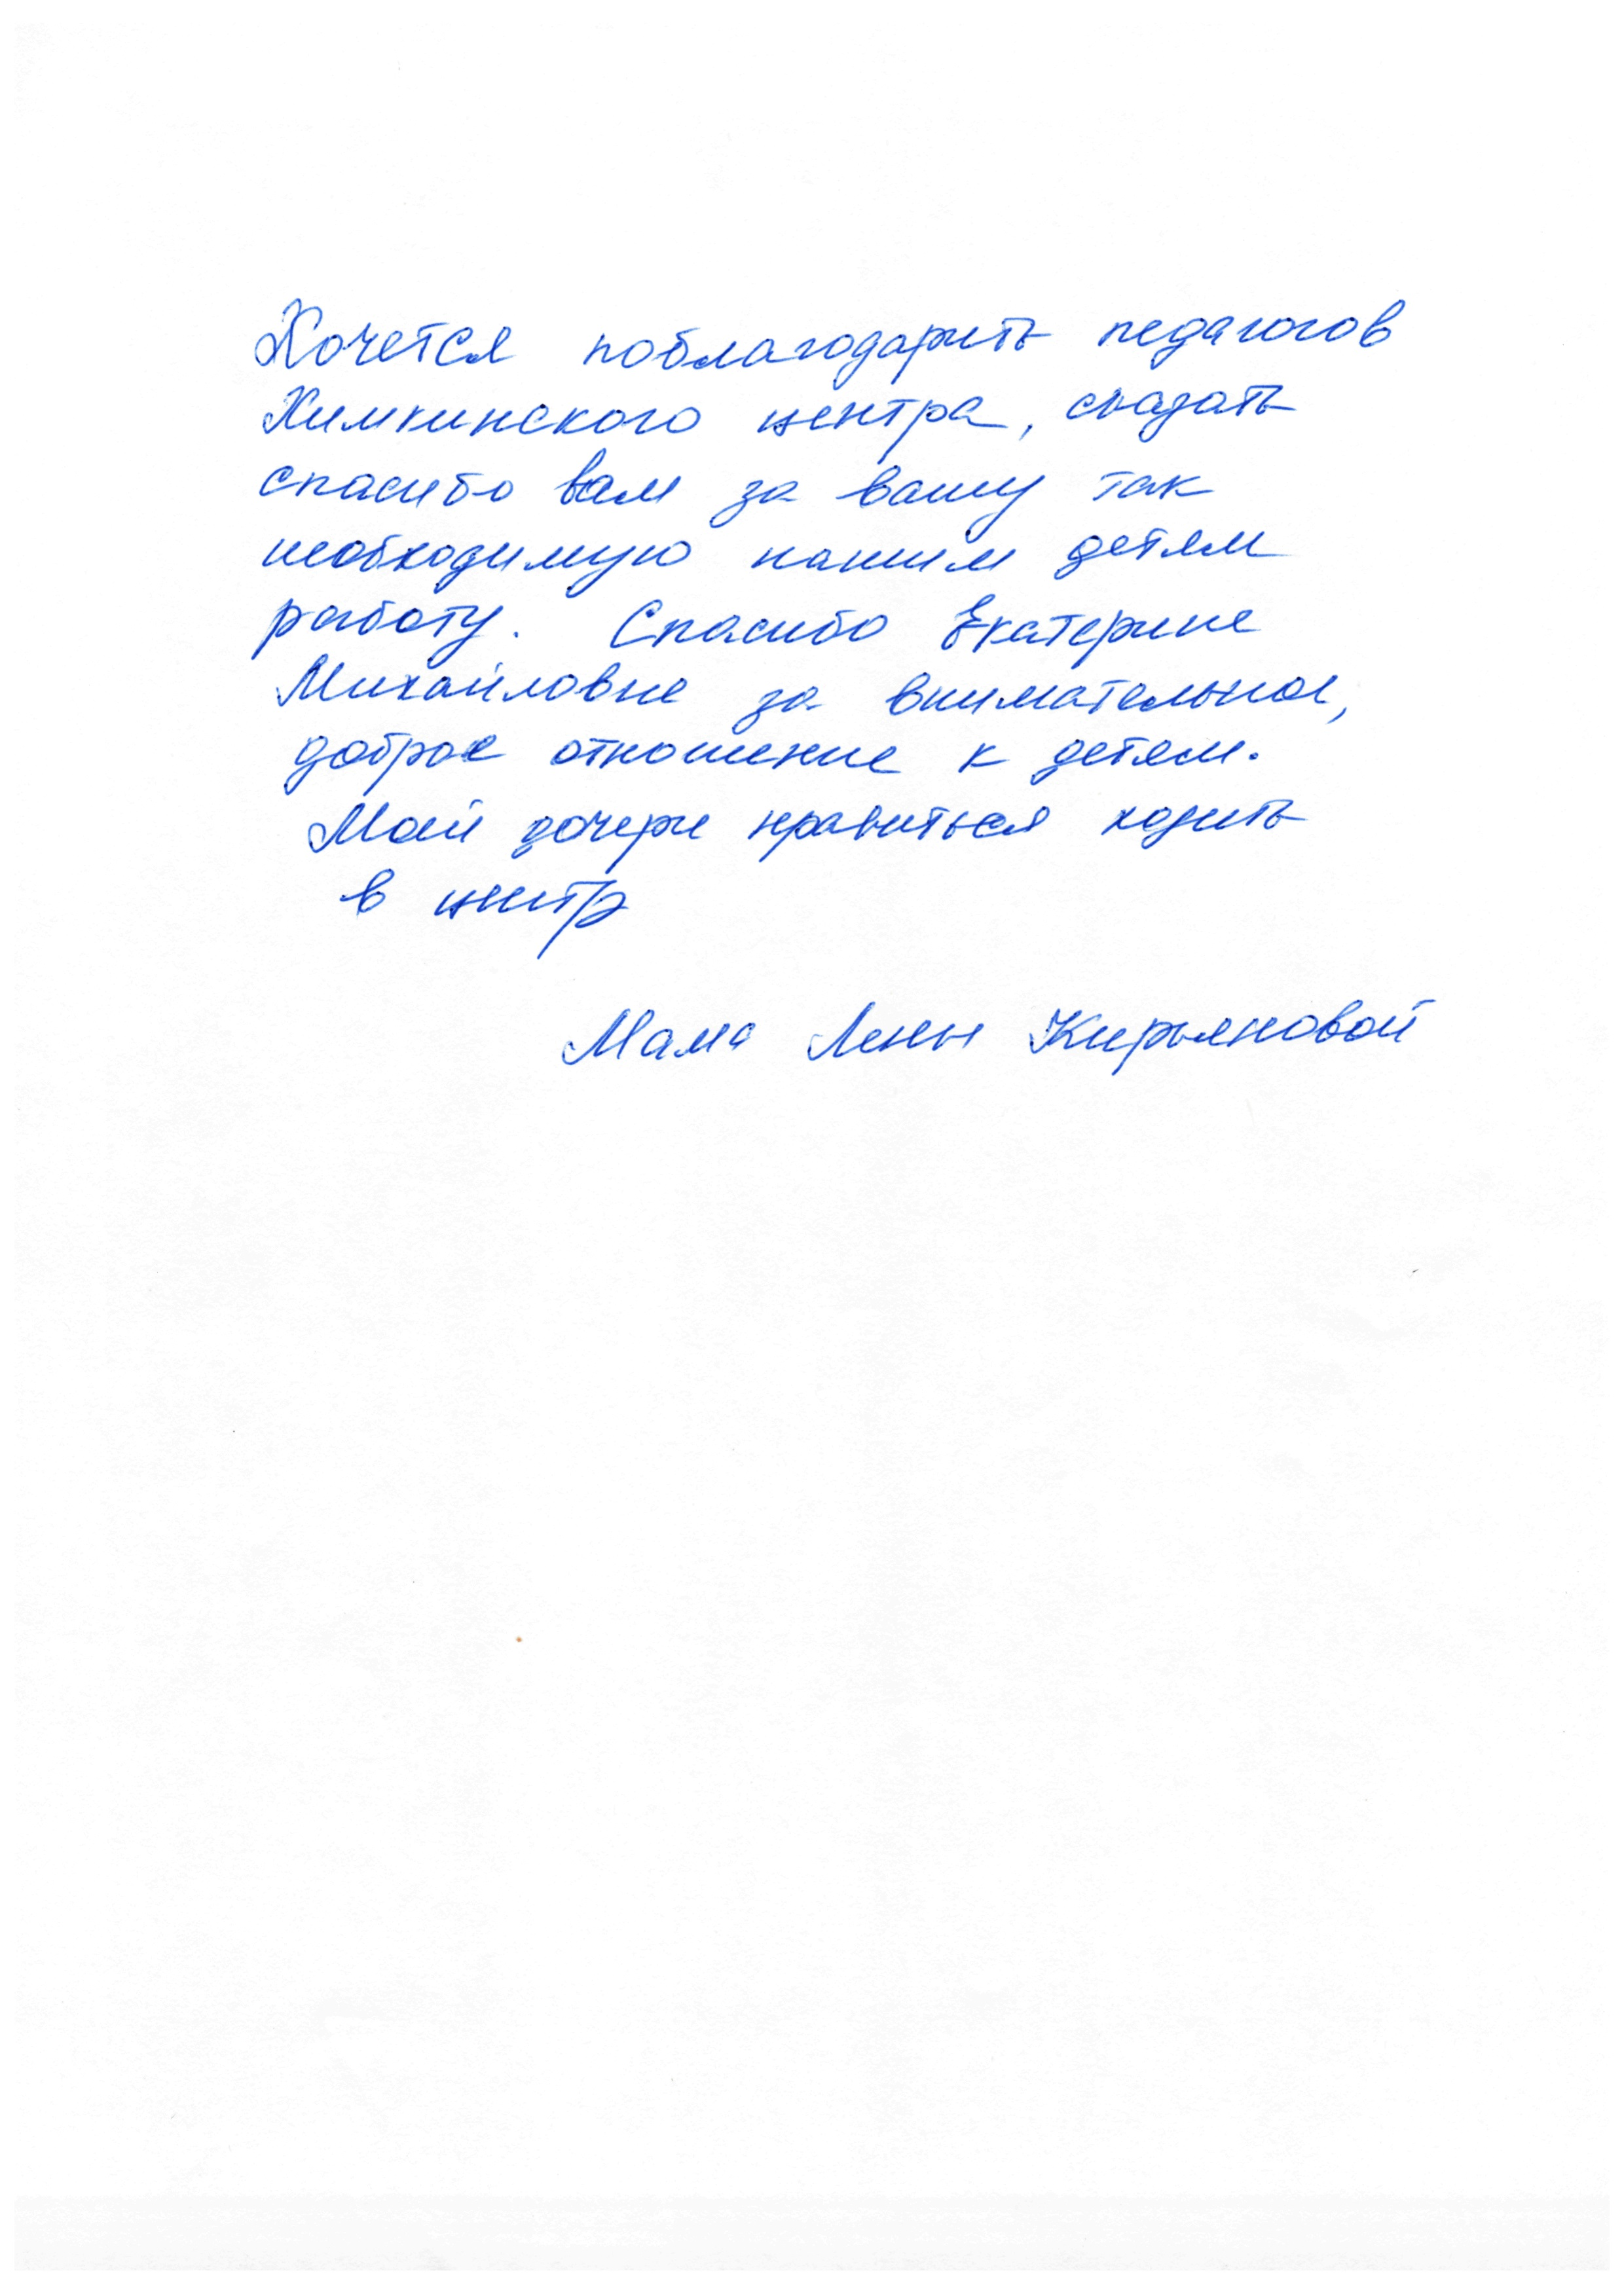 Отзыв Красновой Л. М.